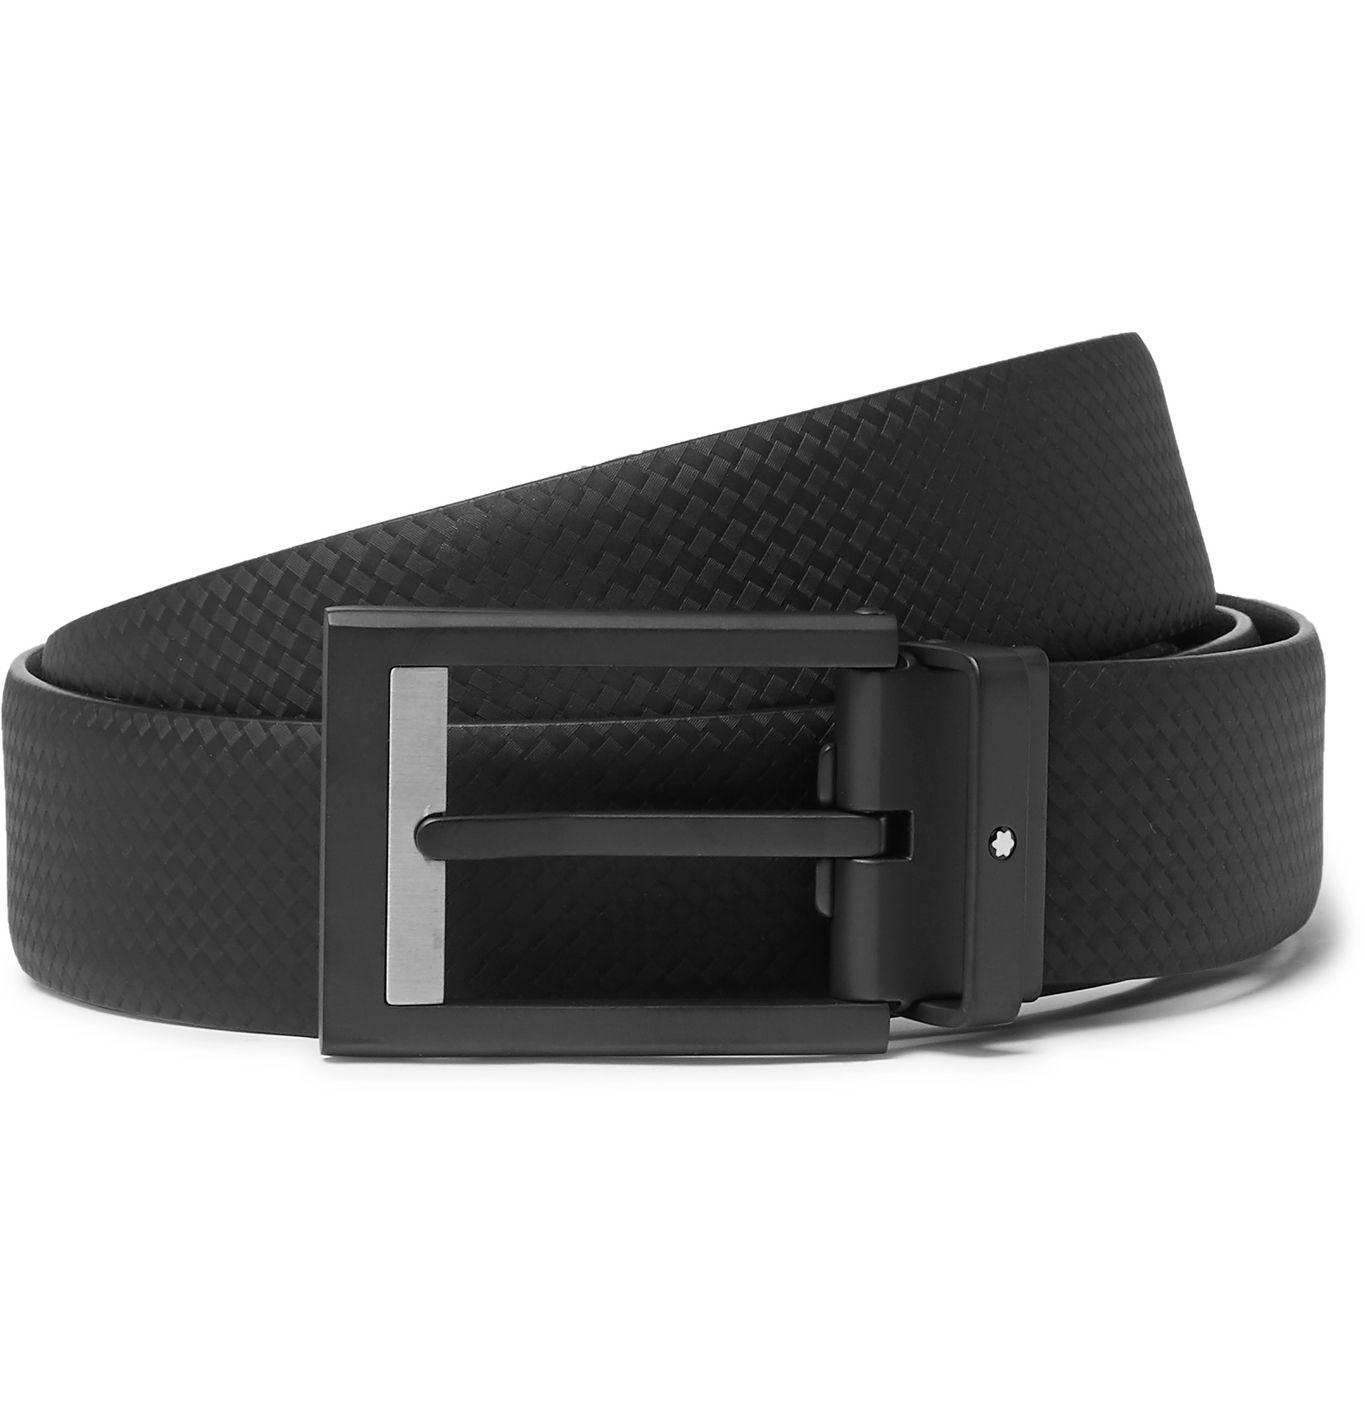 textured black leather belt with matte black belt buckle